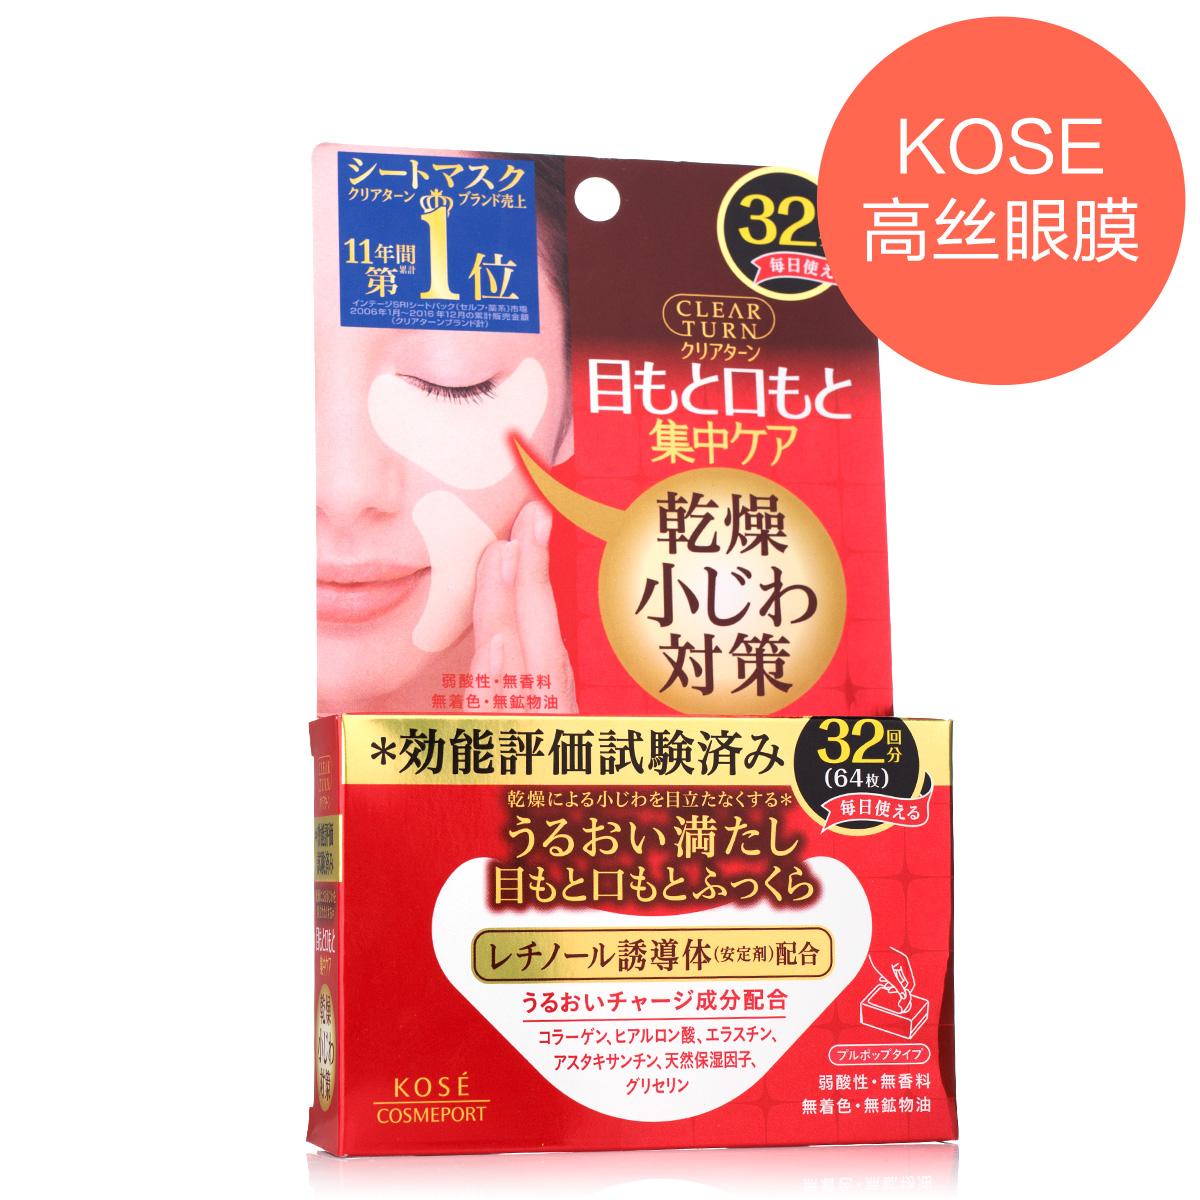 日本KOSE高丝眼膜贴 去眼部细纹浮肿淡化法令纹保湿缓解干燥32对